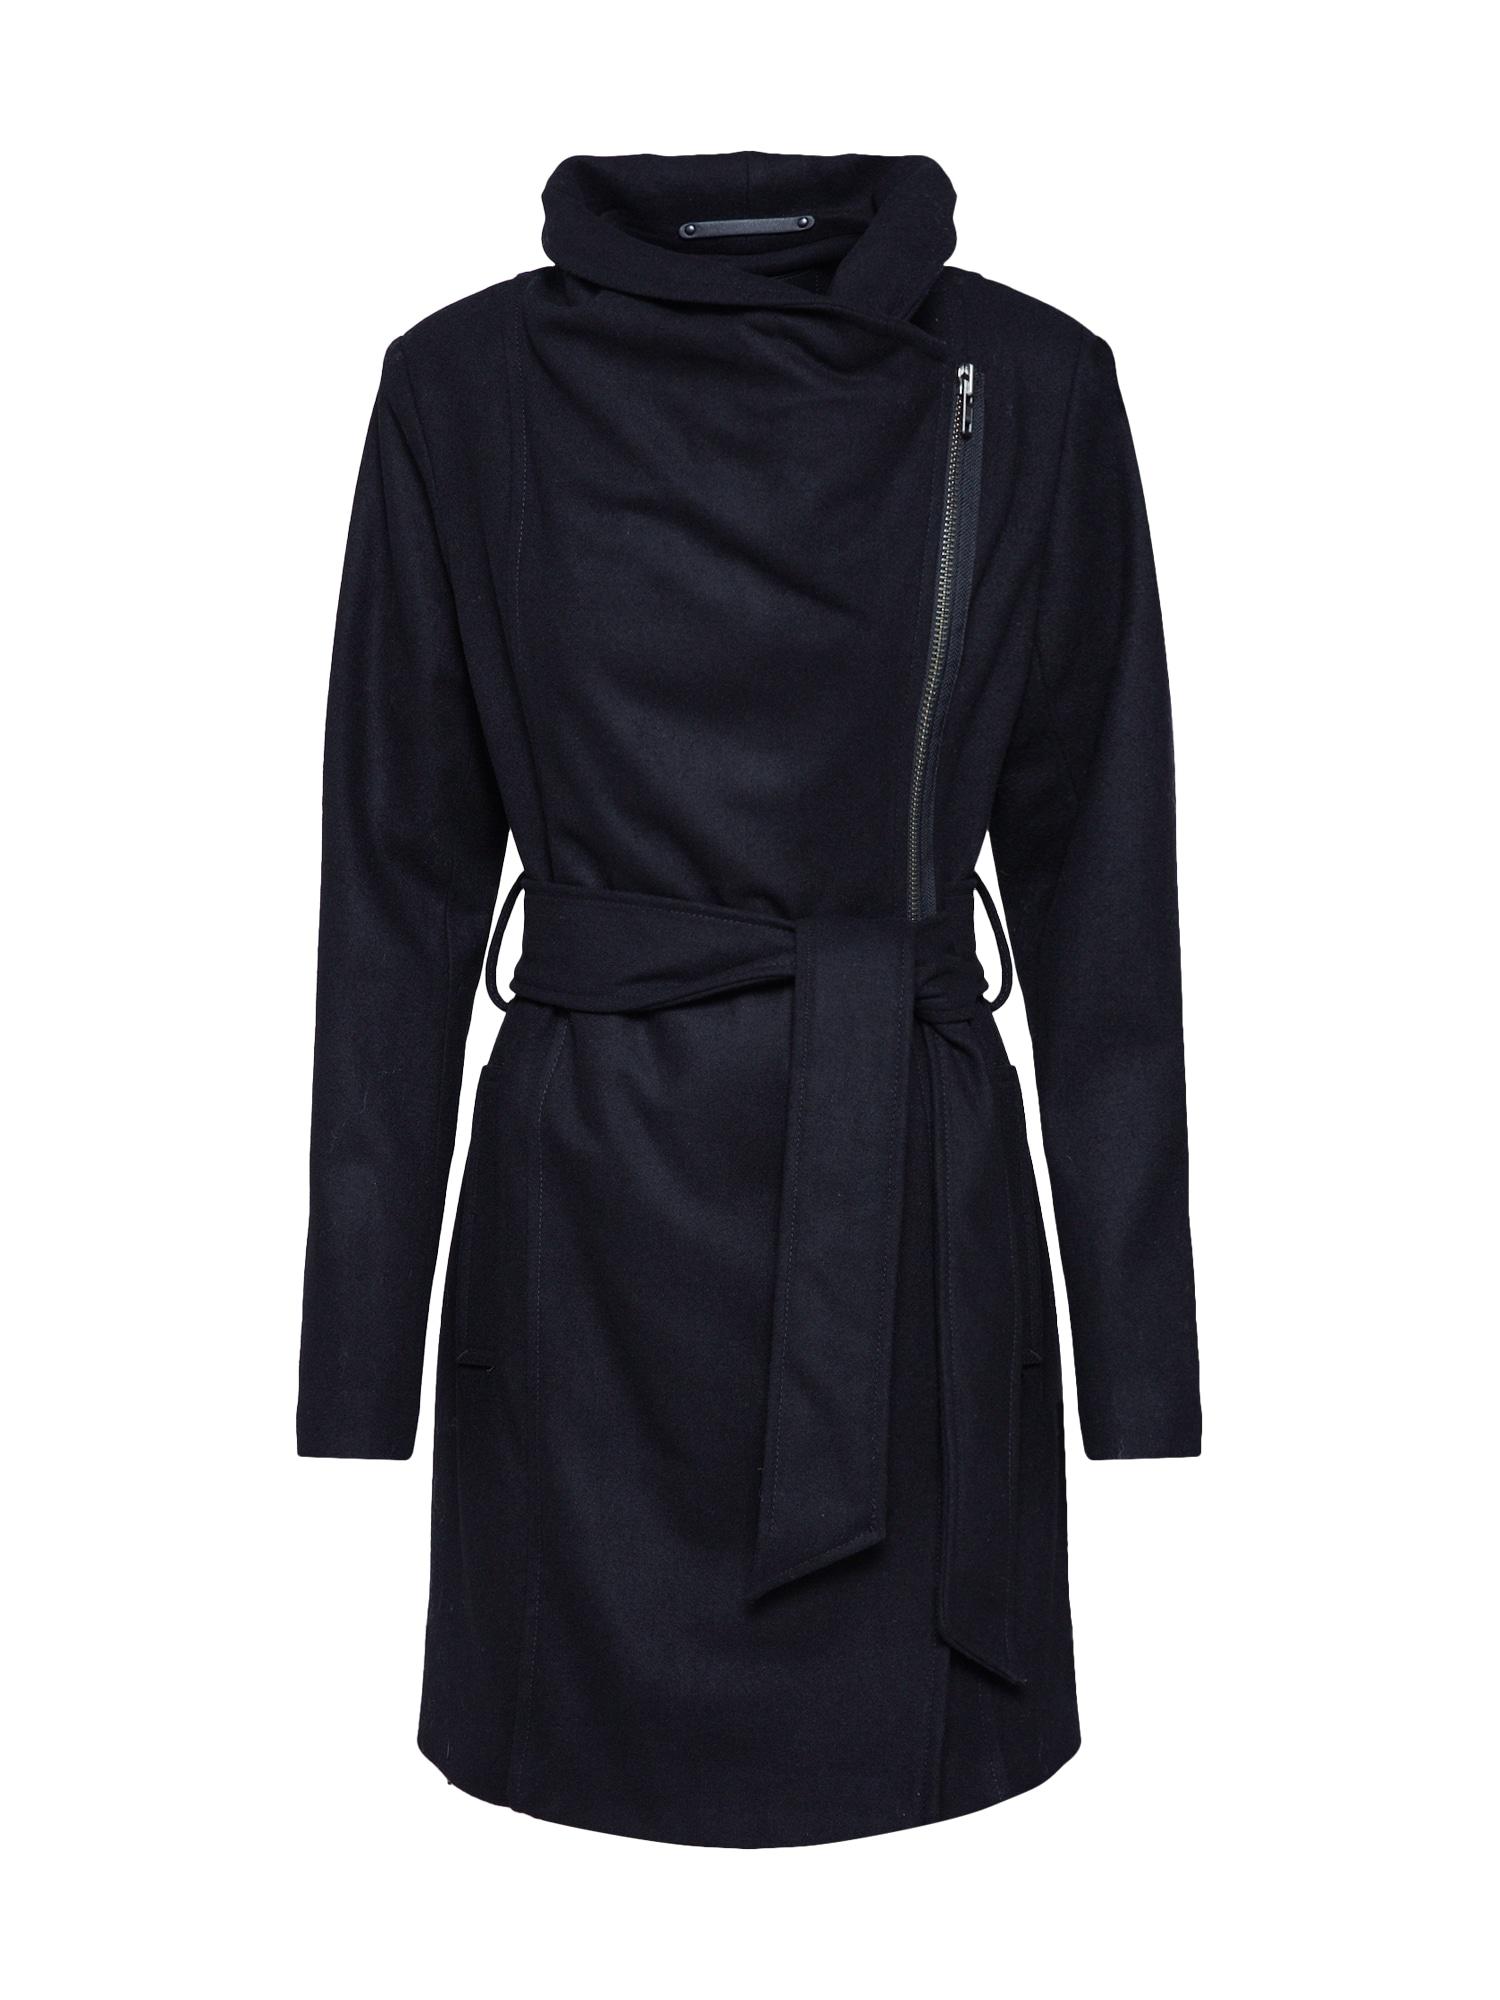 mbym Rudeninis-žieminis paltas 'Mika' juoda